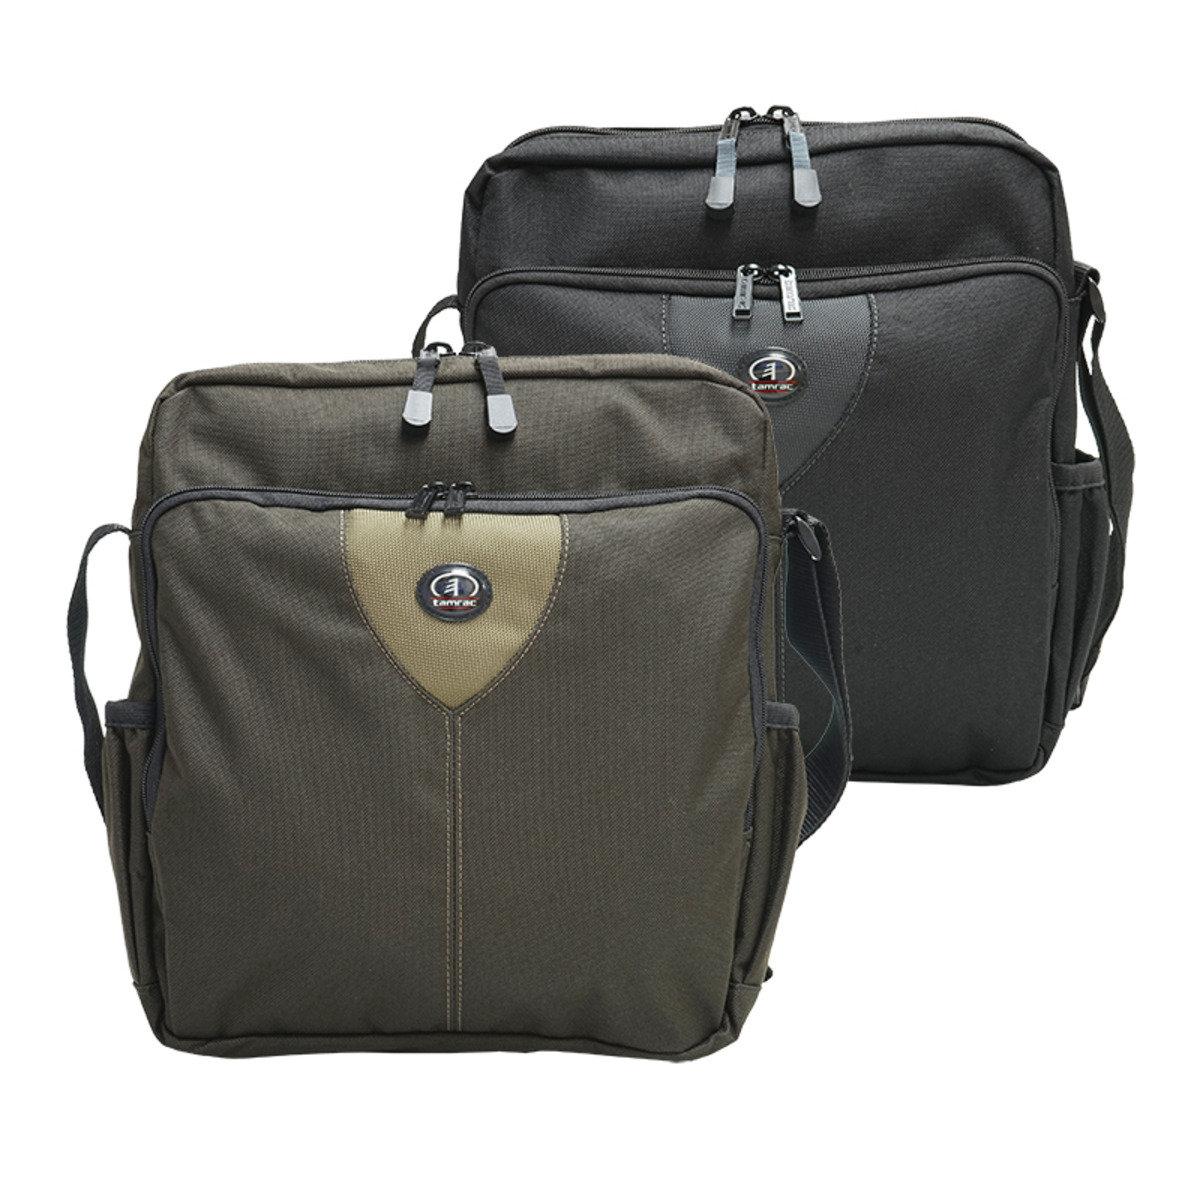 (美國)TAMRAC P155  多用途拉鍊斜孭袋(尼龍質料) 2色選